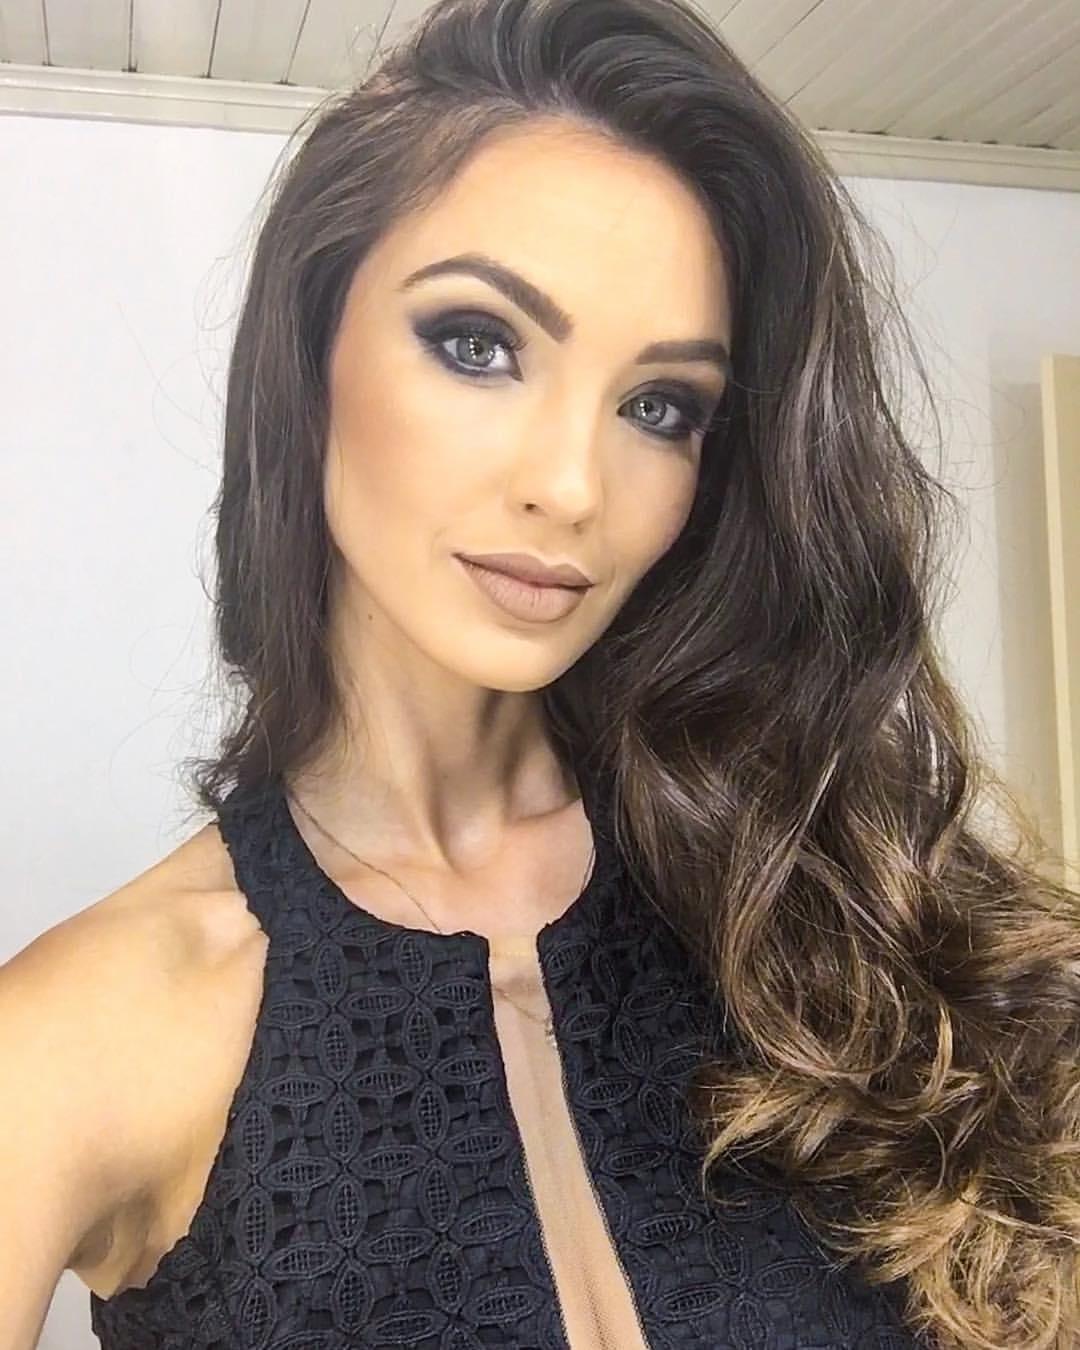 bianca scheren, top 5 de miss brasil universo 2019. 1af6e110